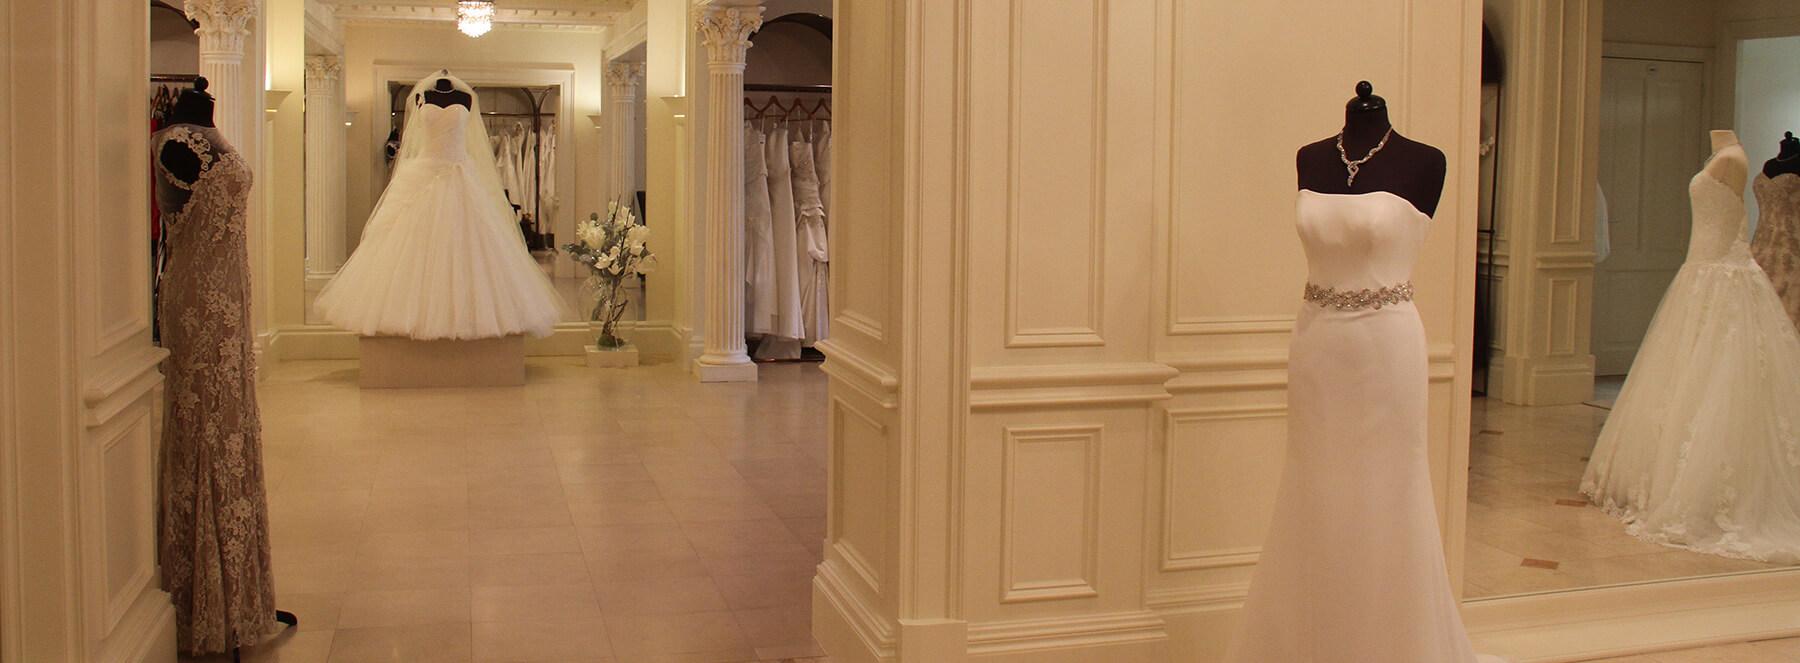 interieur-de-bruidsgalerie_new-1